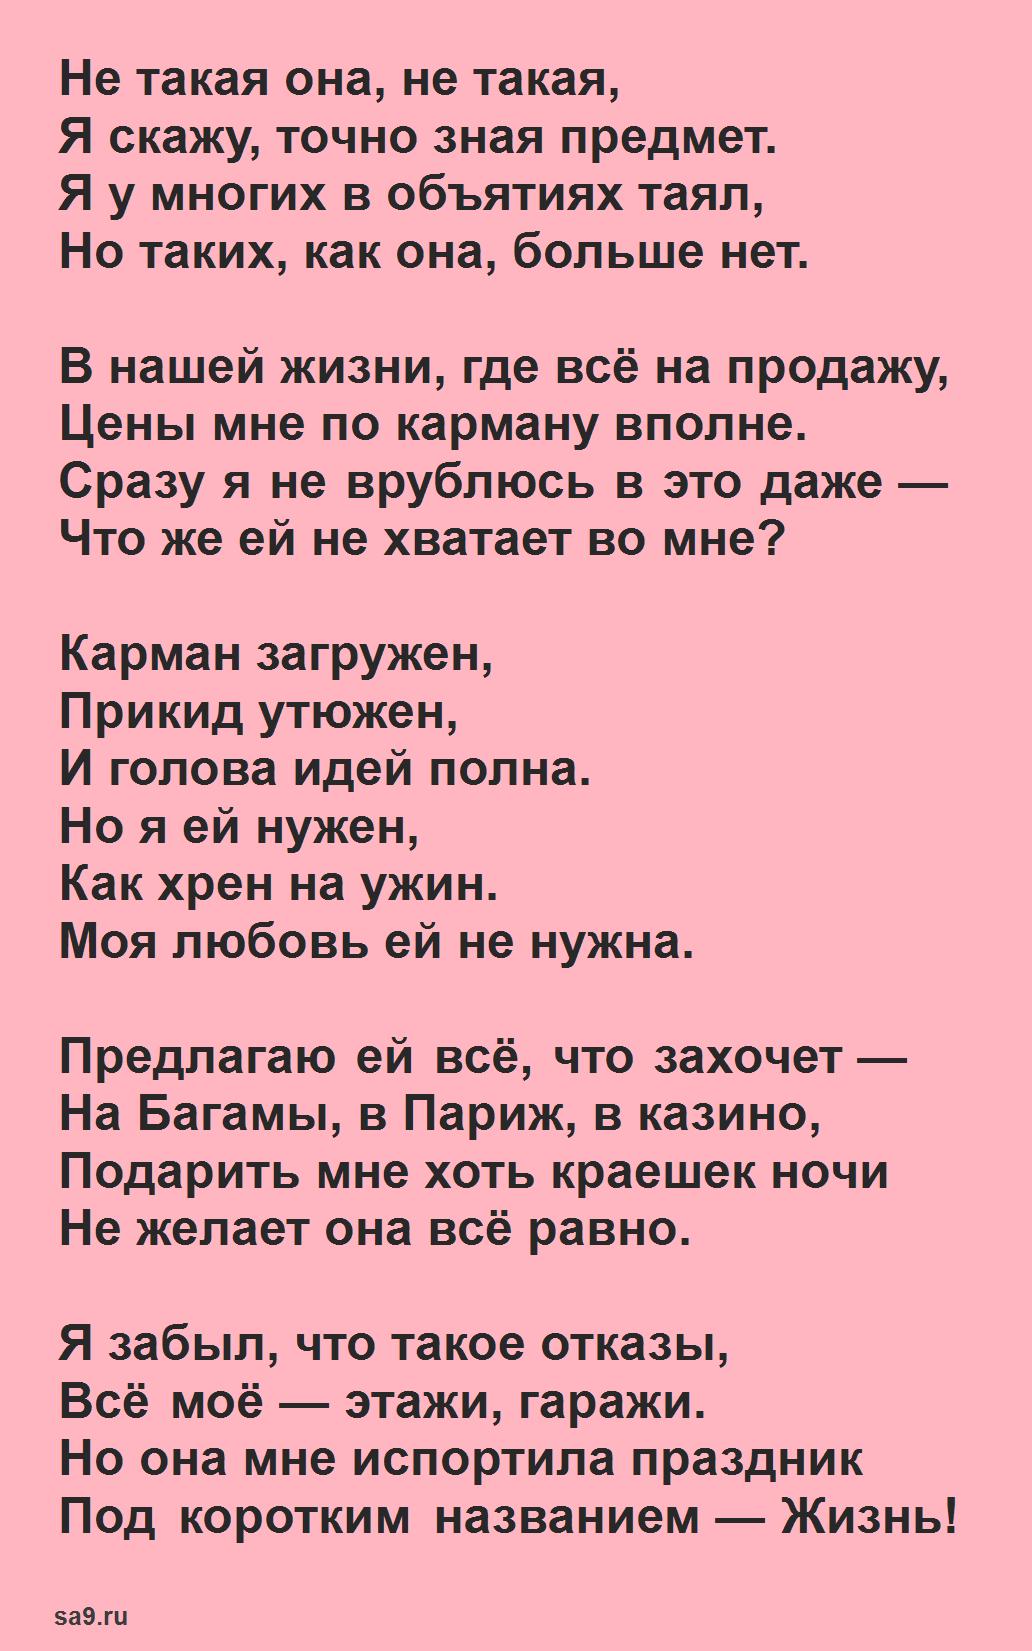 Стихи Рубальской о жизни - А я ей нужен